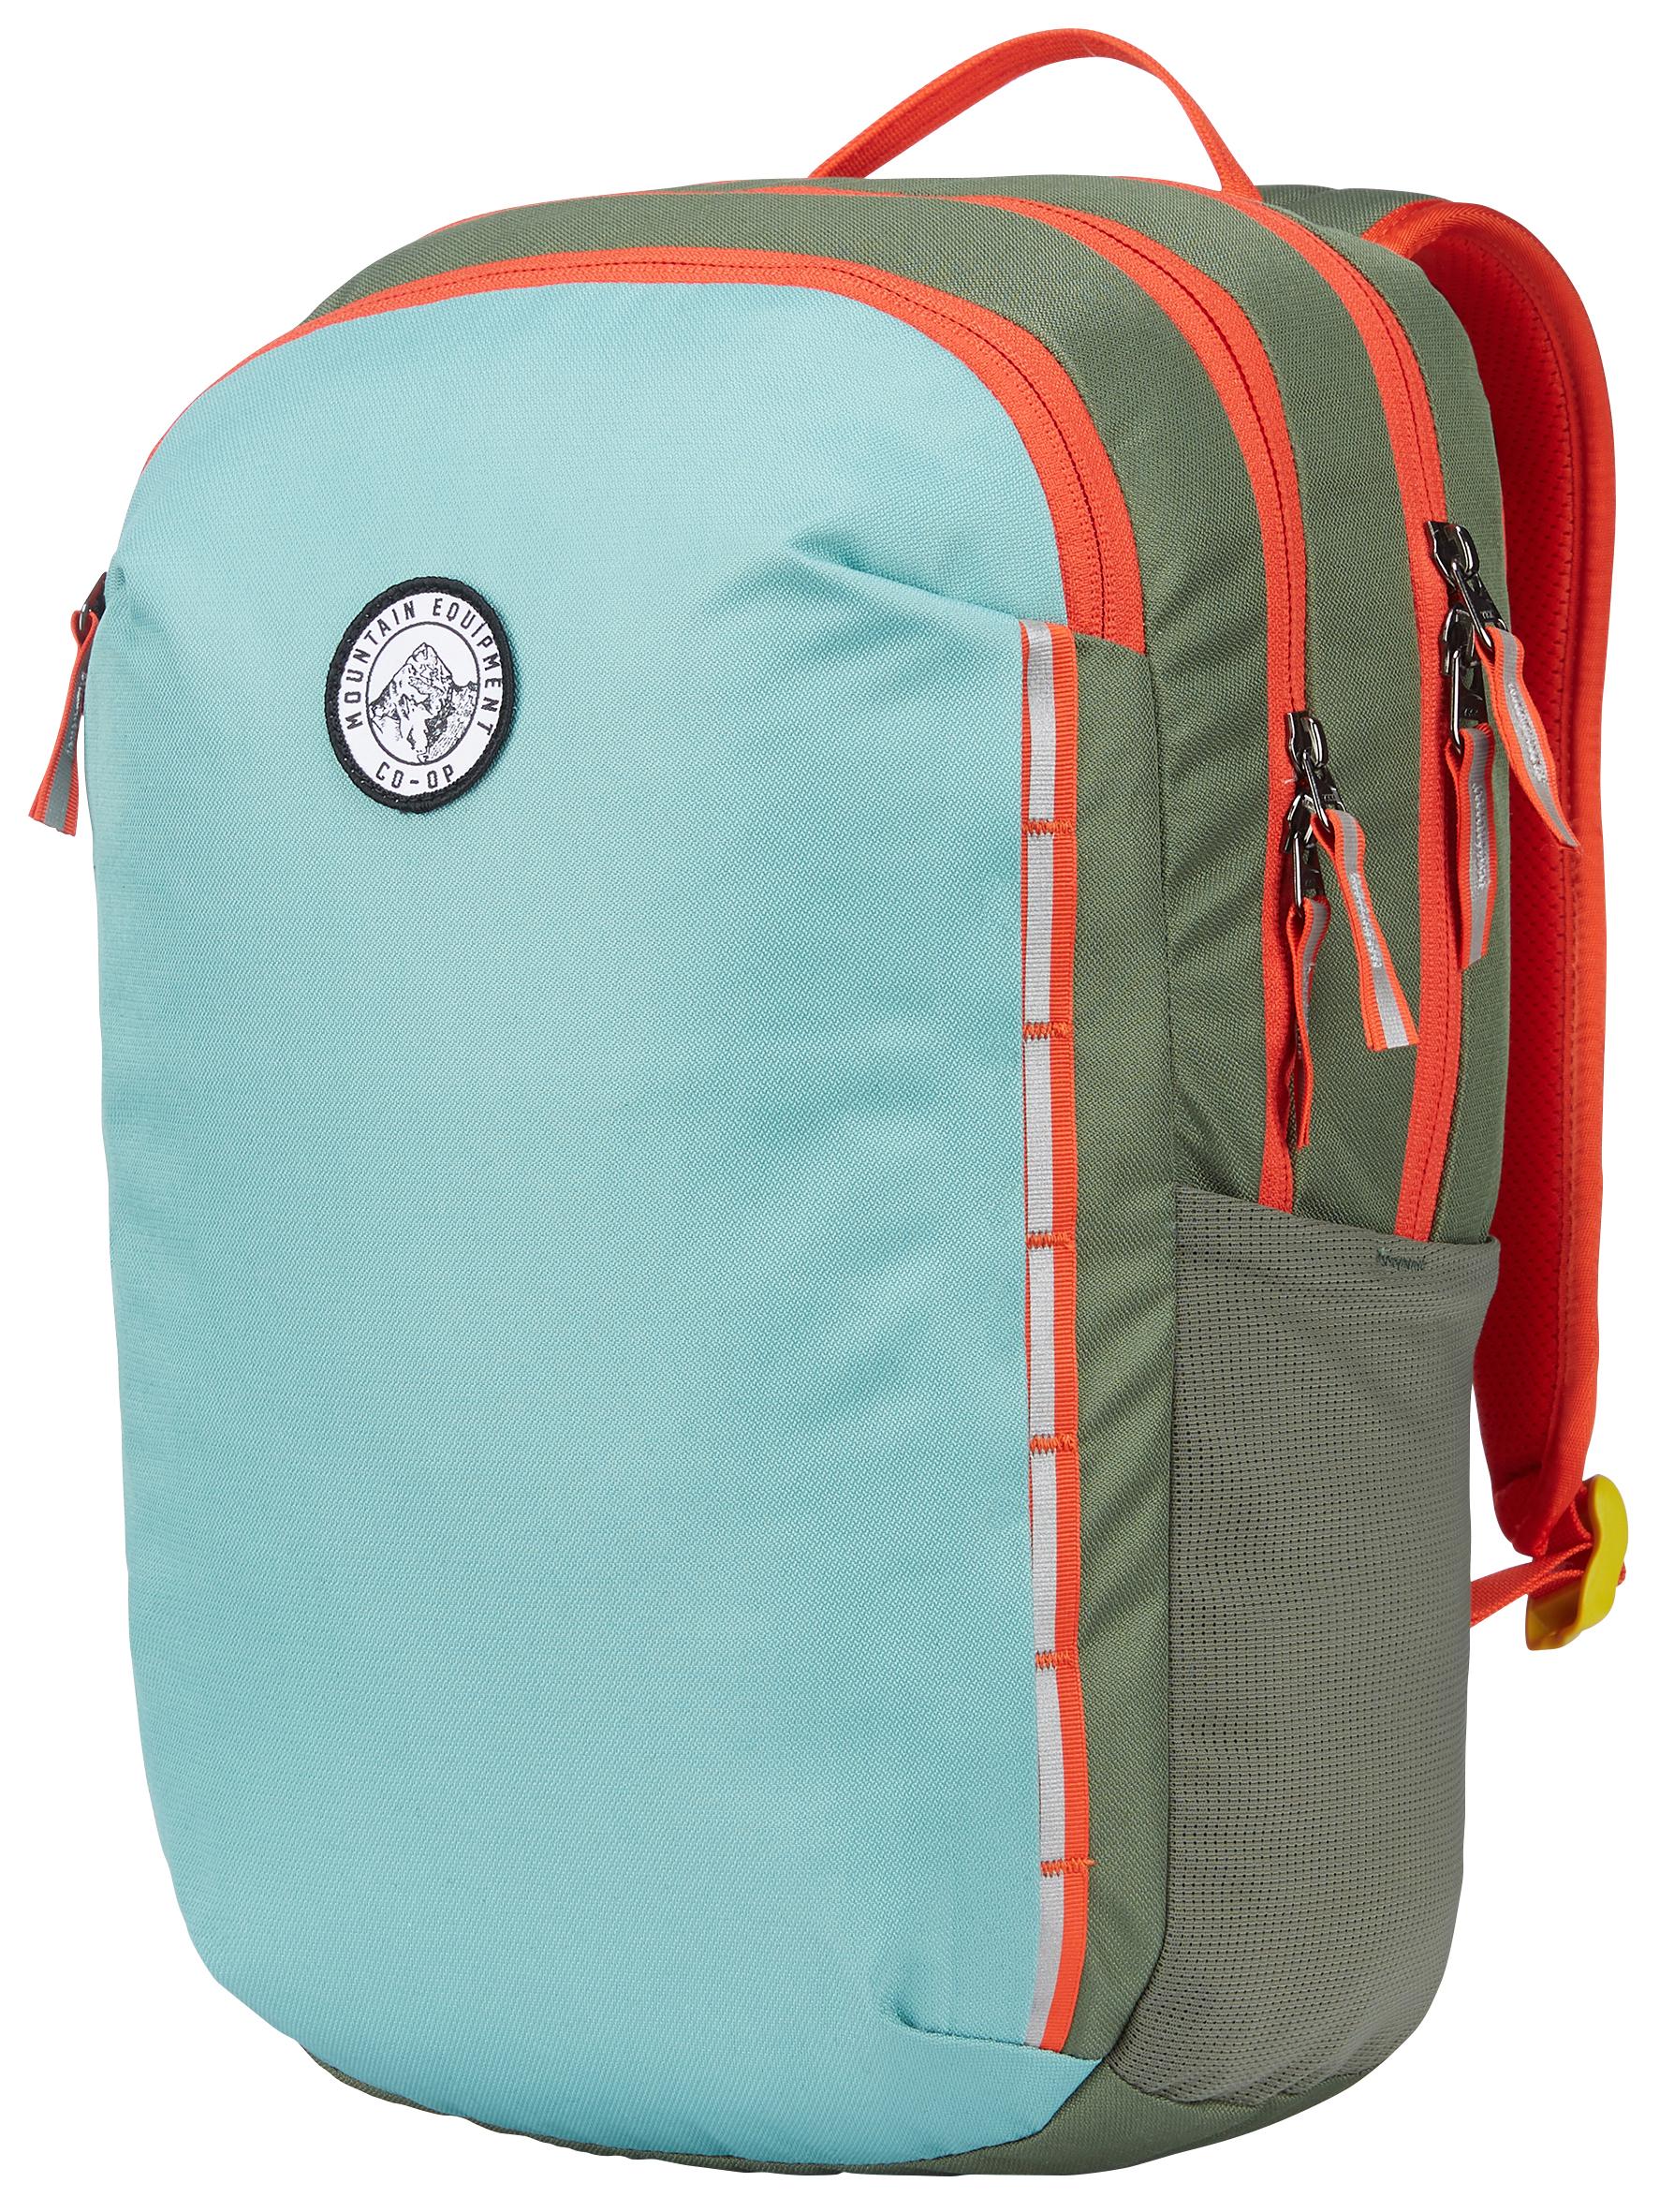 9712204a882e Packs and bags | MEC